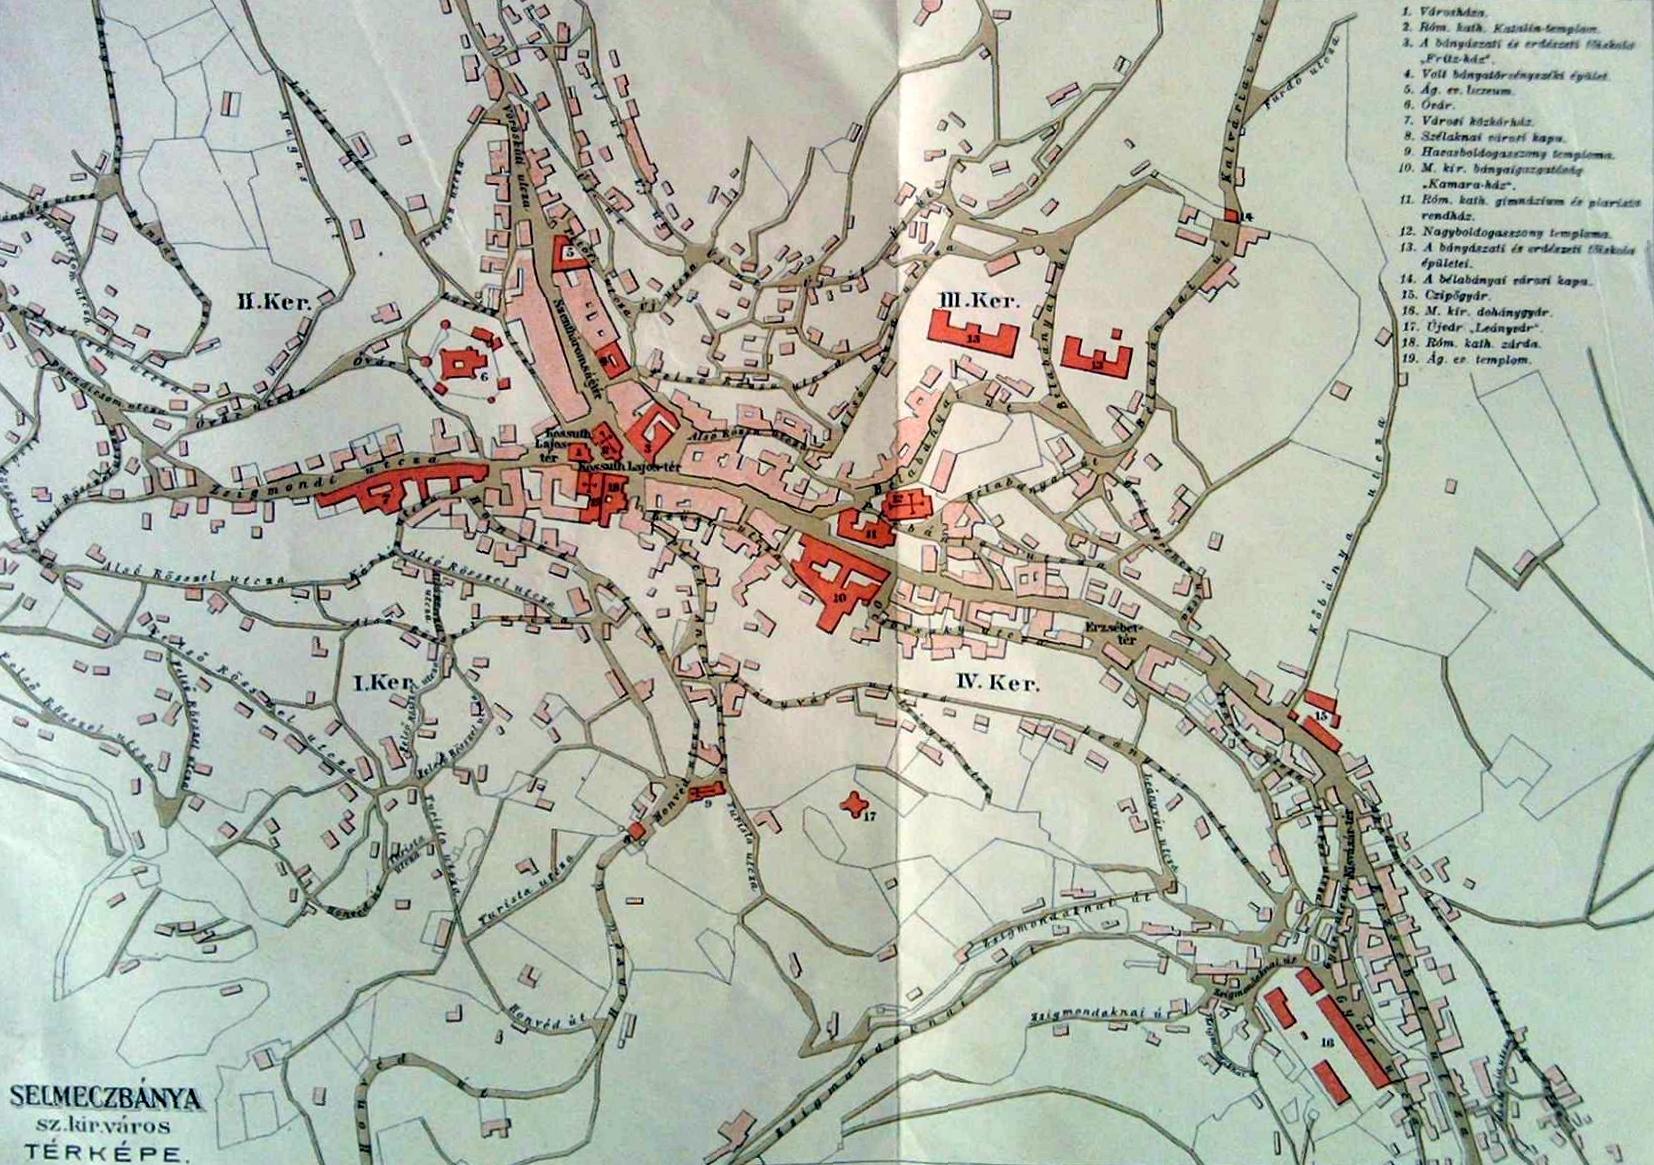 térkép 24 Fájl:SELMEC térkép. – Wikipédia